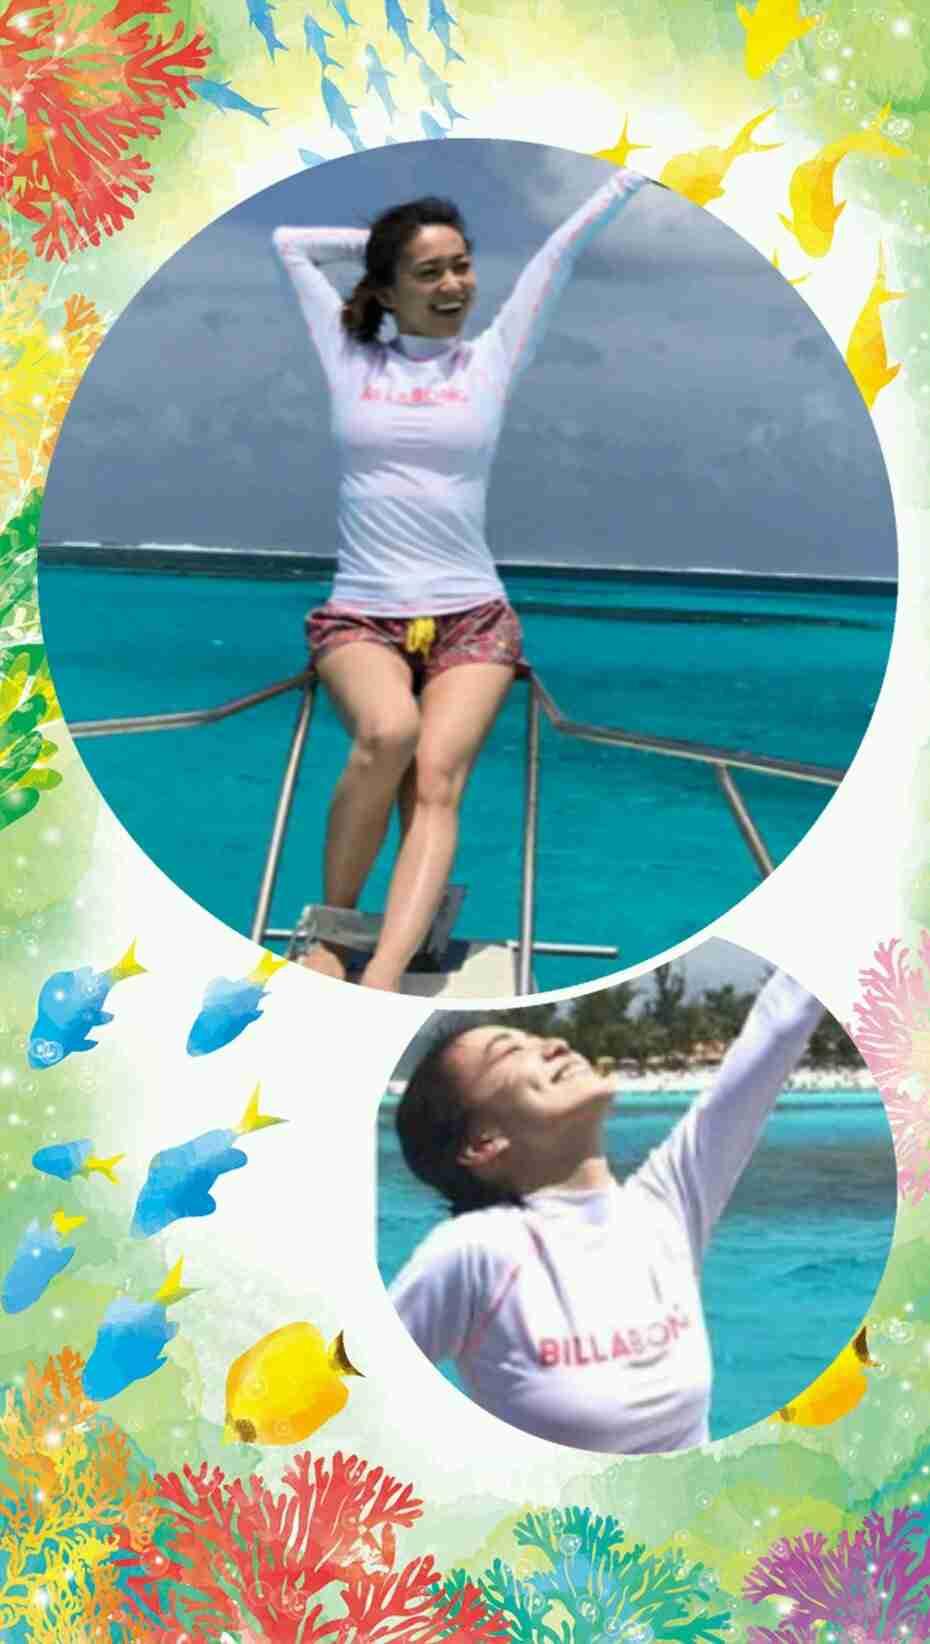 「え、透けてる?」大島優子のインスタ写真にコメント欄が騒然!